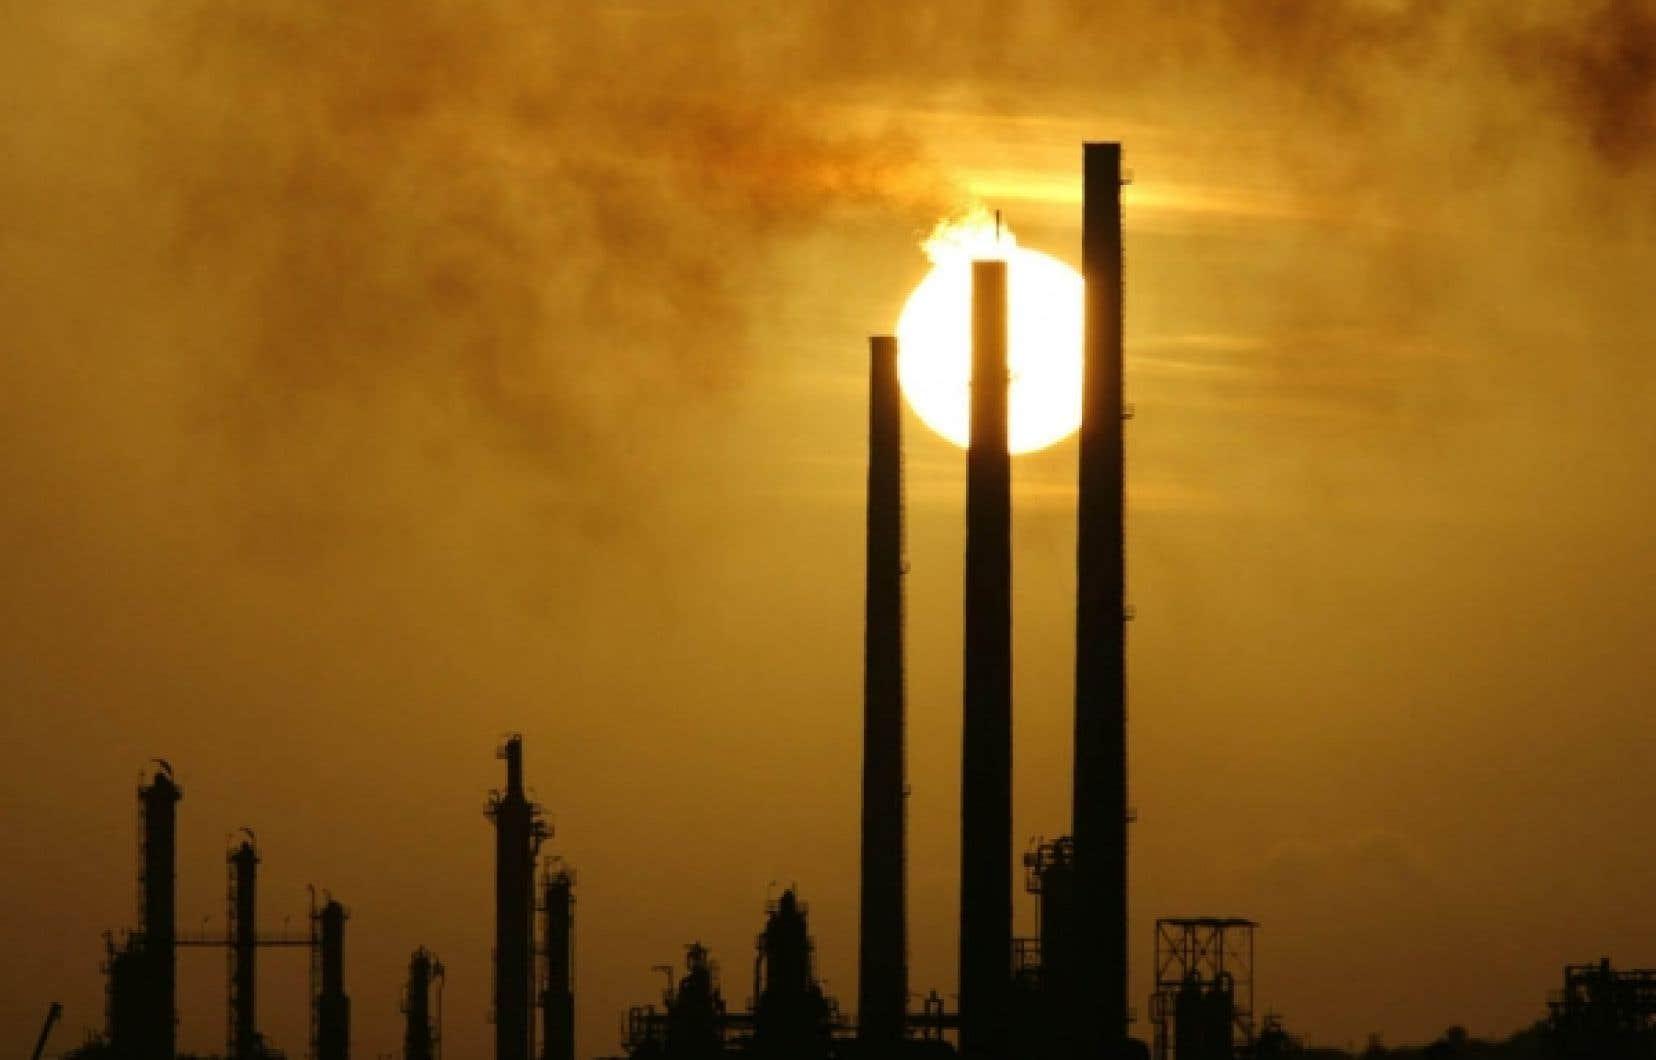 Le Canada, le Japon et la Russie ont tous trois ratifié le protocole de Kyoto. Mais ils ne veulent pas s'engager dans une deuxième phase de réductions des émissions de GES après 2012.<br />